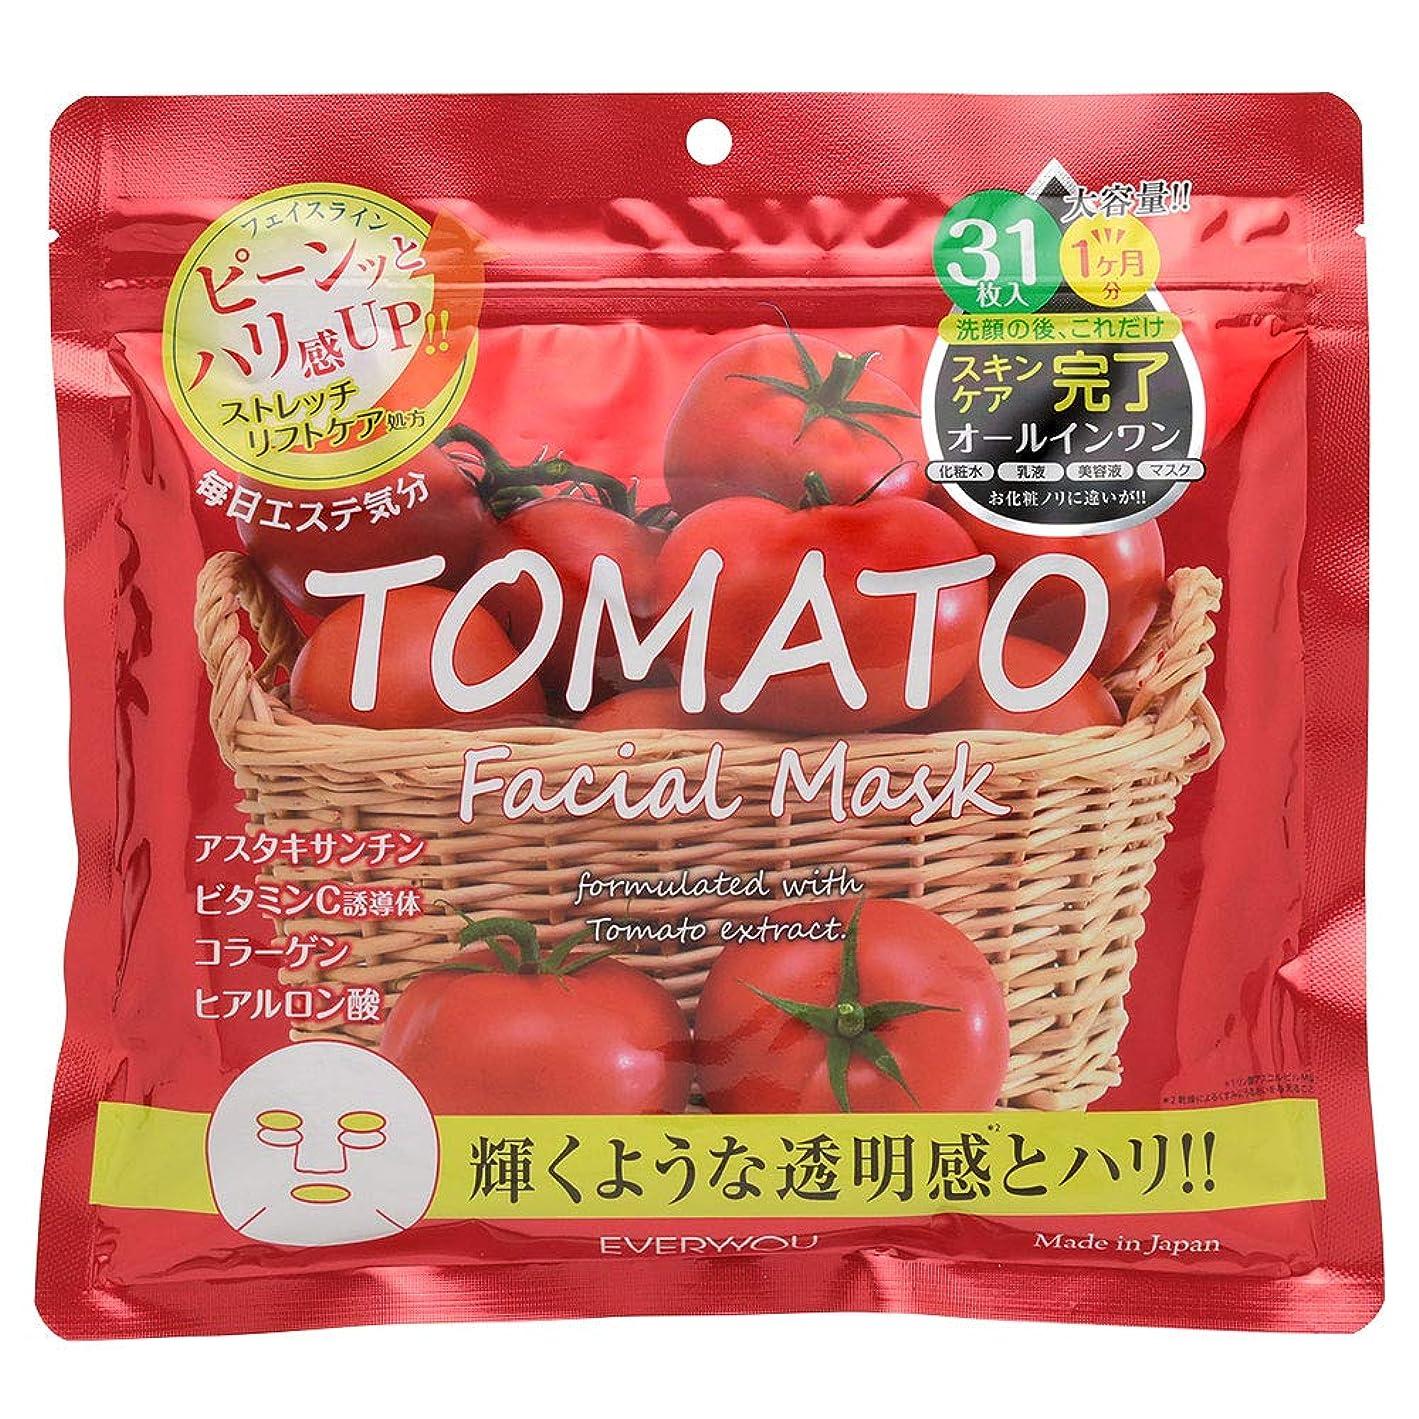 逆ホイップパーチナシティトマト フェイシャルマスク 31枚入 日本製 EVERYYOU